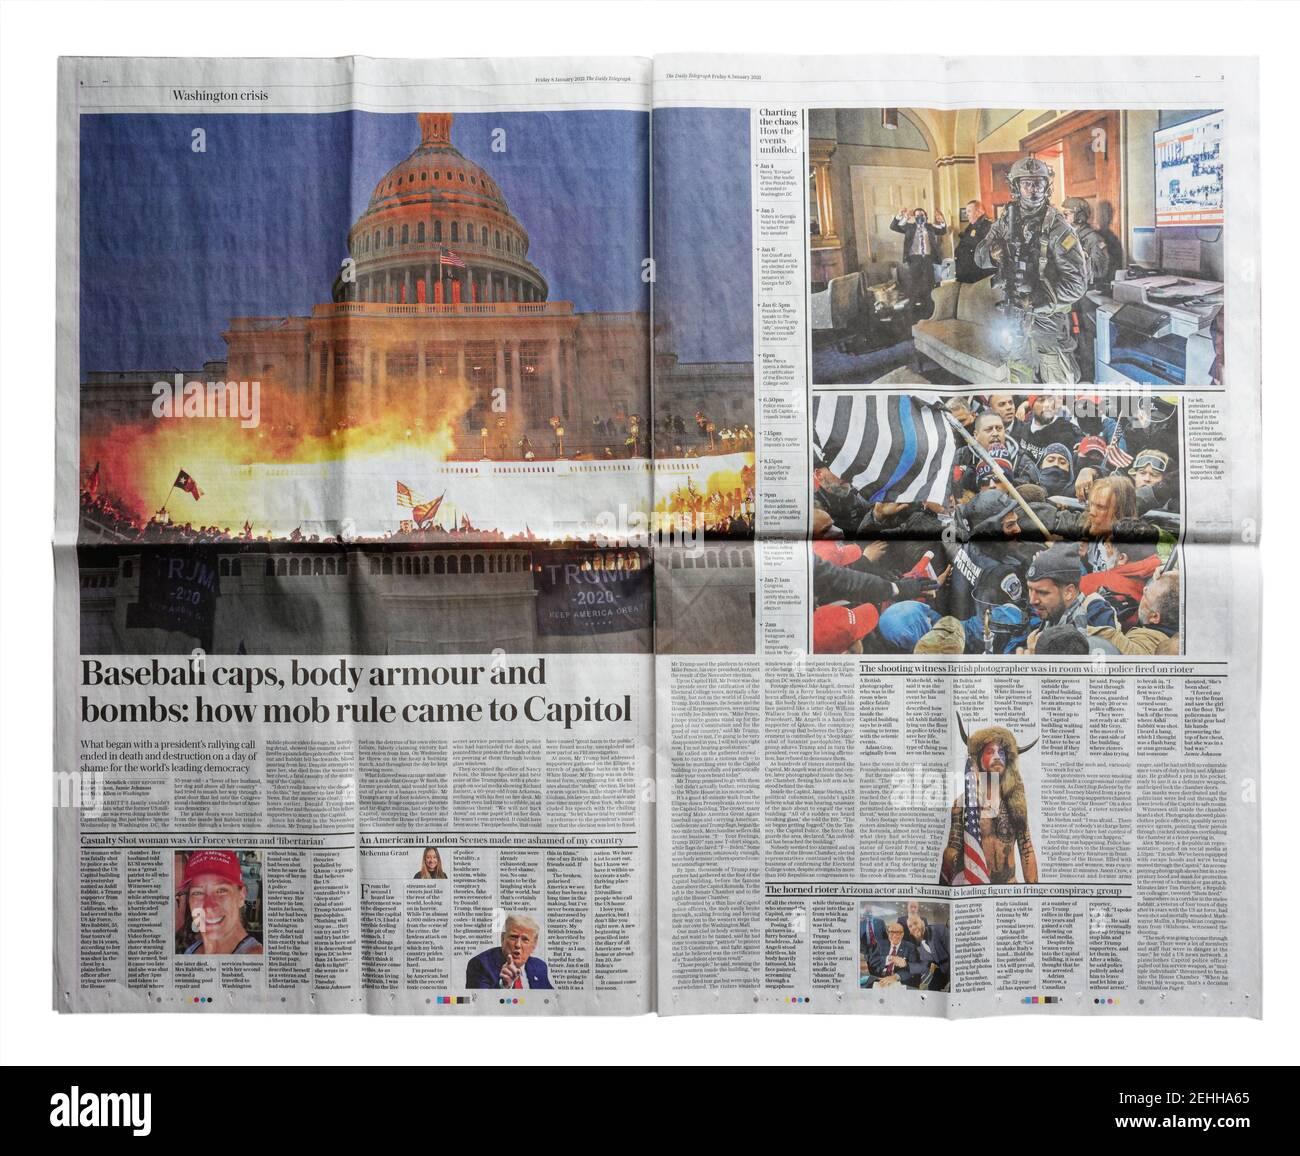 Una doppia pagina di diffusione del quotidiano Daily Telegraph circa L'invasione del Campidoglio del 6 gennaio 2021 Foto Stock